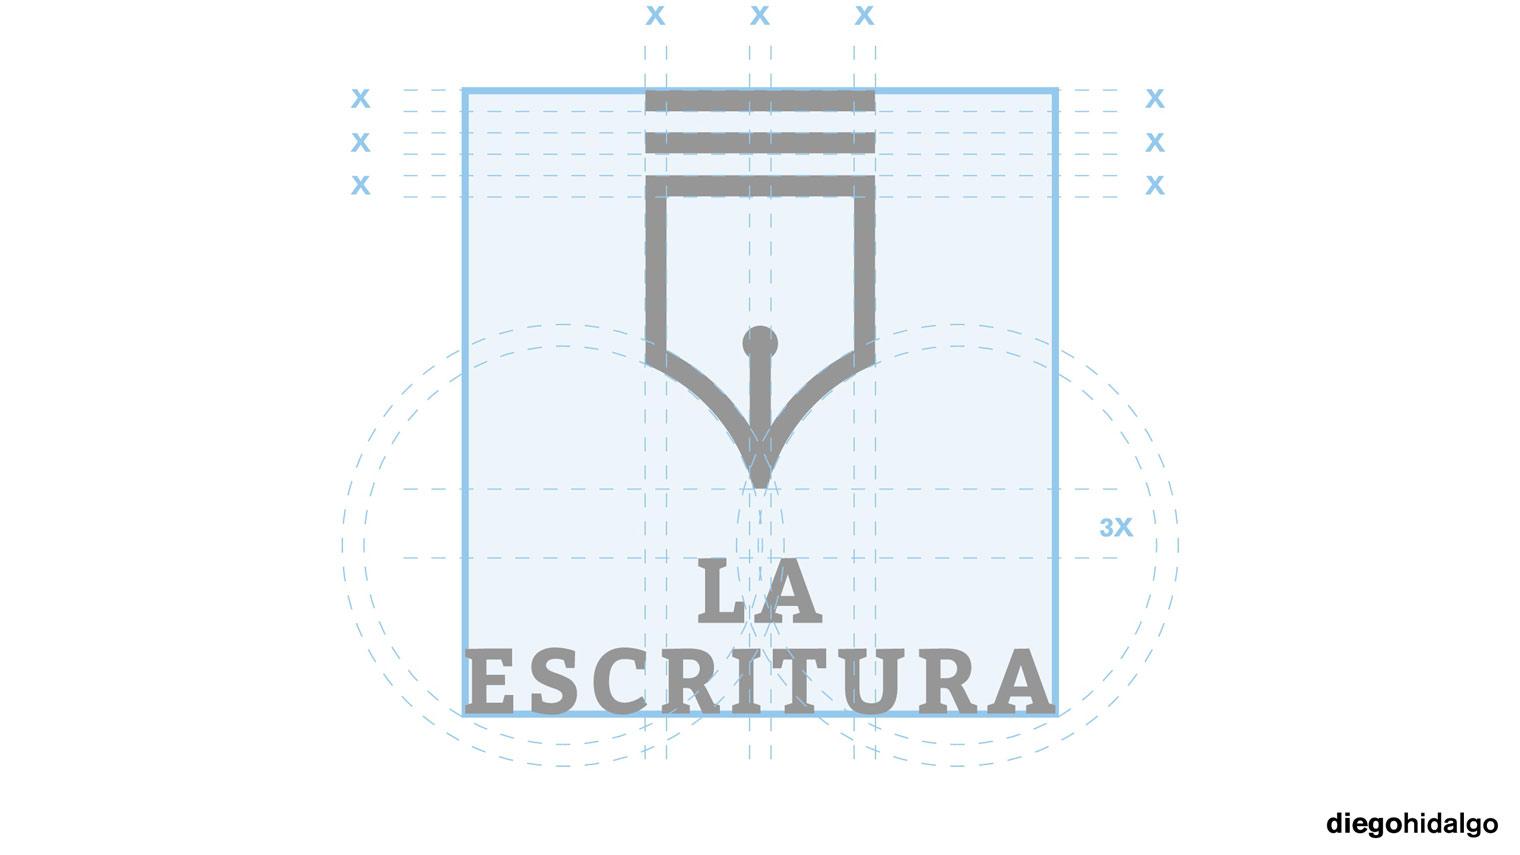 diseño acabado del curso de diseño gráfico y web con salidas profesionales